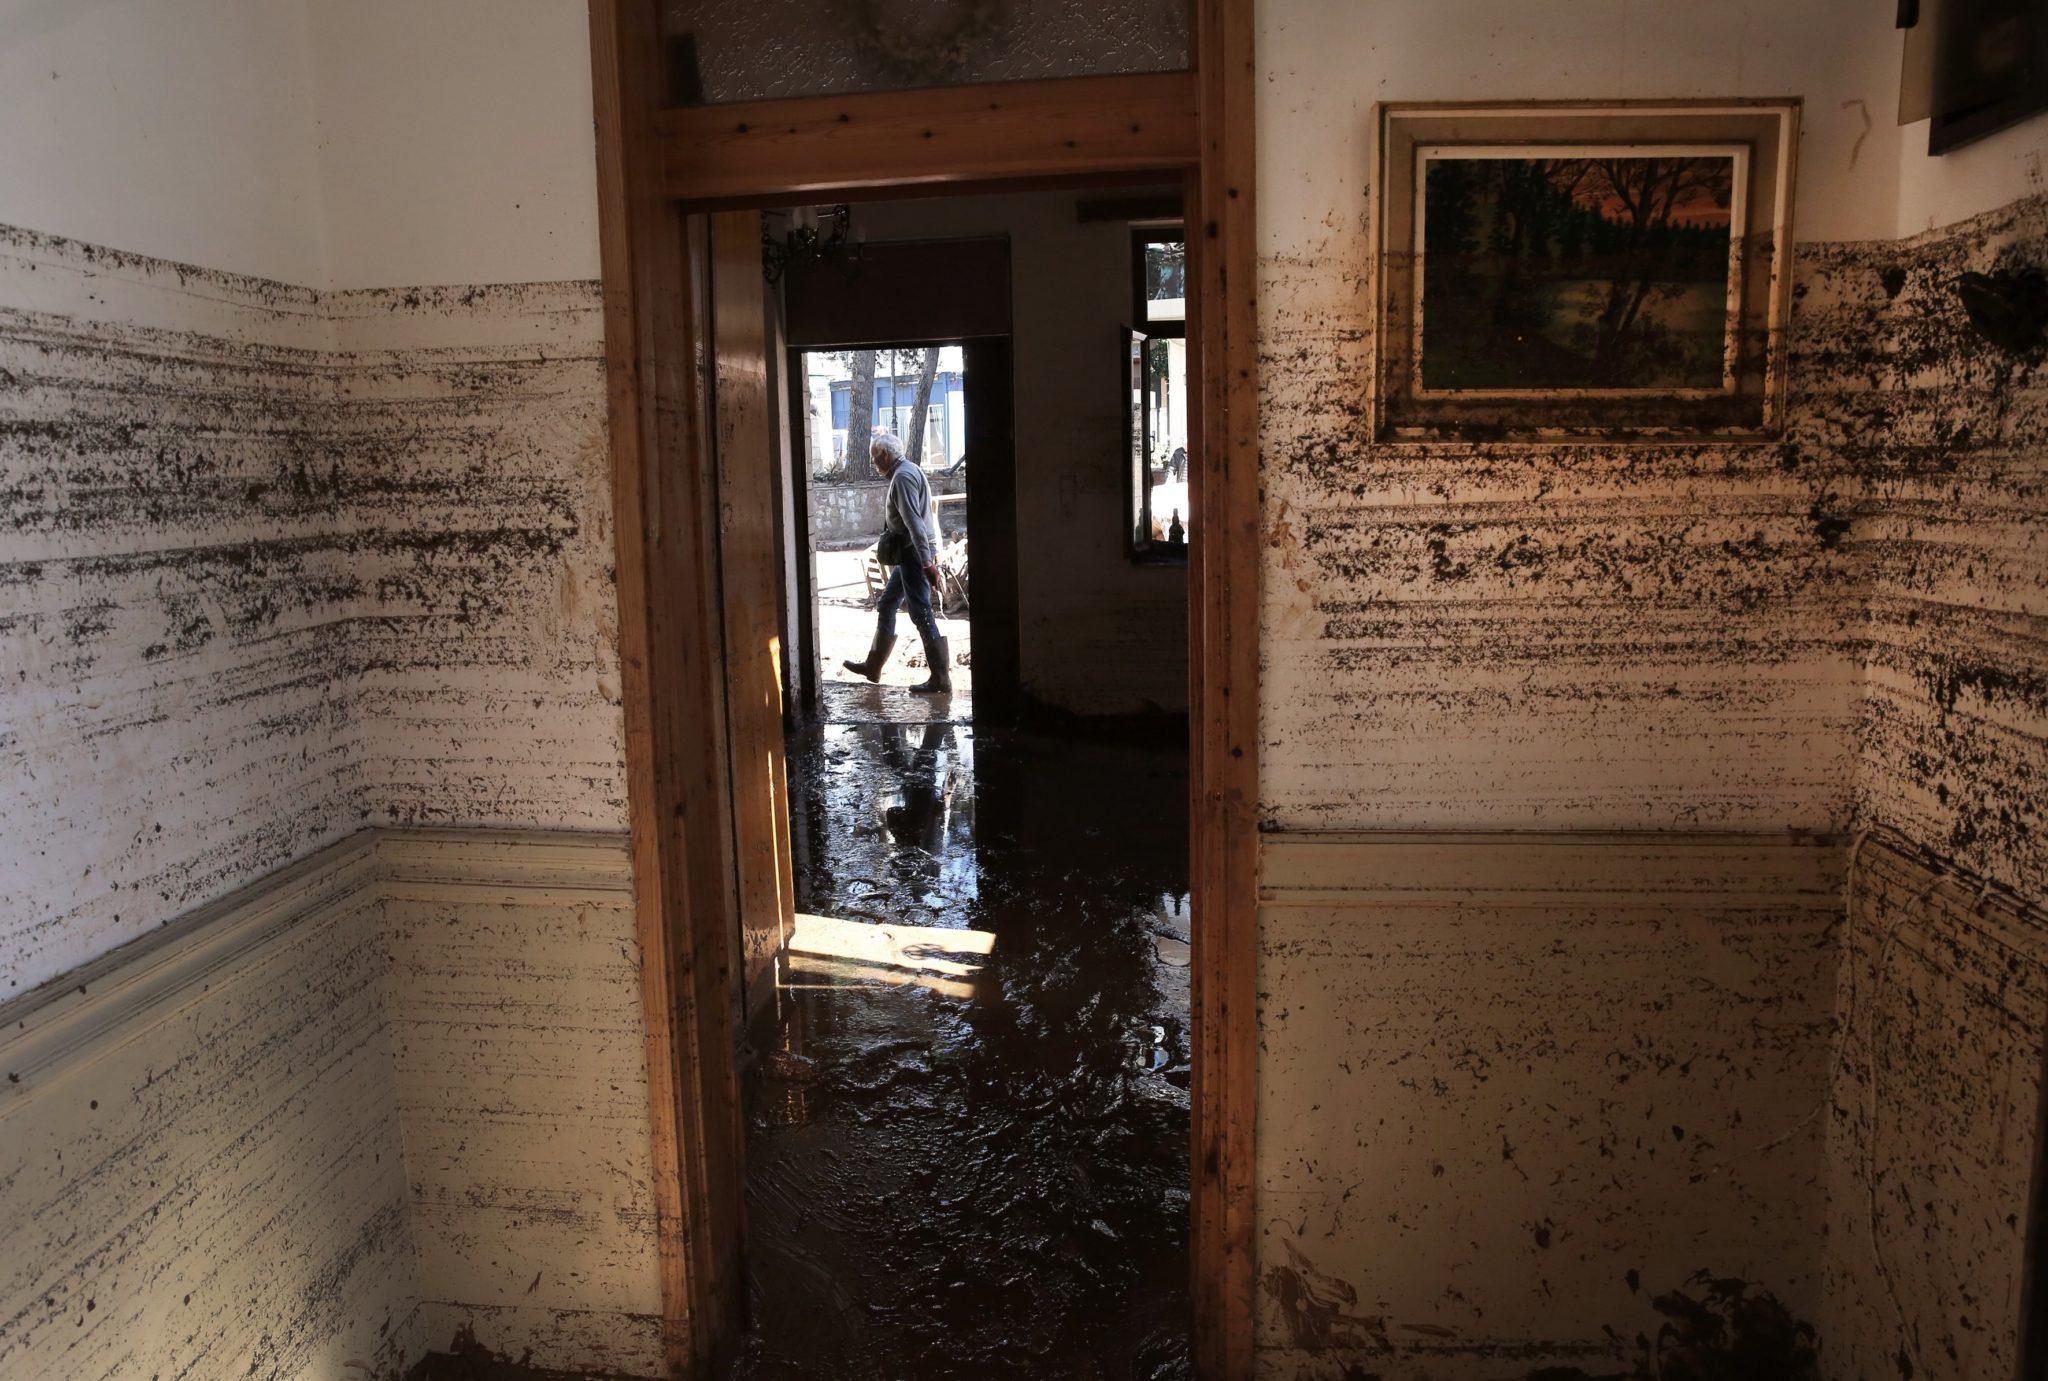 Ściany w domu zniszczonym przez powódź pokryte błotem w Mandrze, w zachodniej Attyce, w Grecji. Po silnych opadach deszczu, które nawiedziły ten obszar w zeszłym tygodniu. Zostało znalezione ciało mężczyzny, który był poszukiwany. To podniosło liczbę ofiar śmiertelnych do 21, fot: Simela Pantzartzi, PAP/EPA.